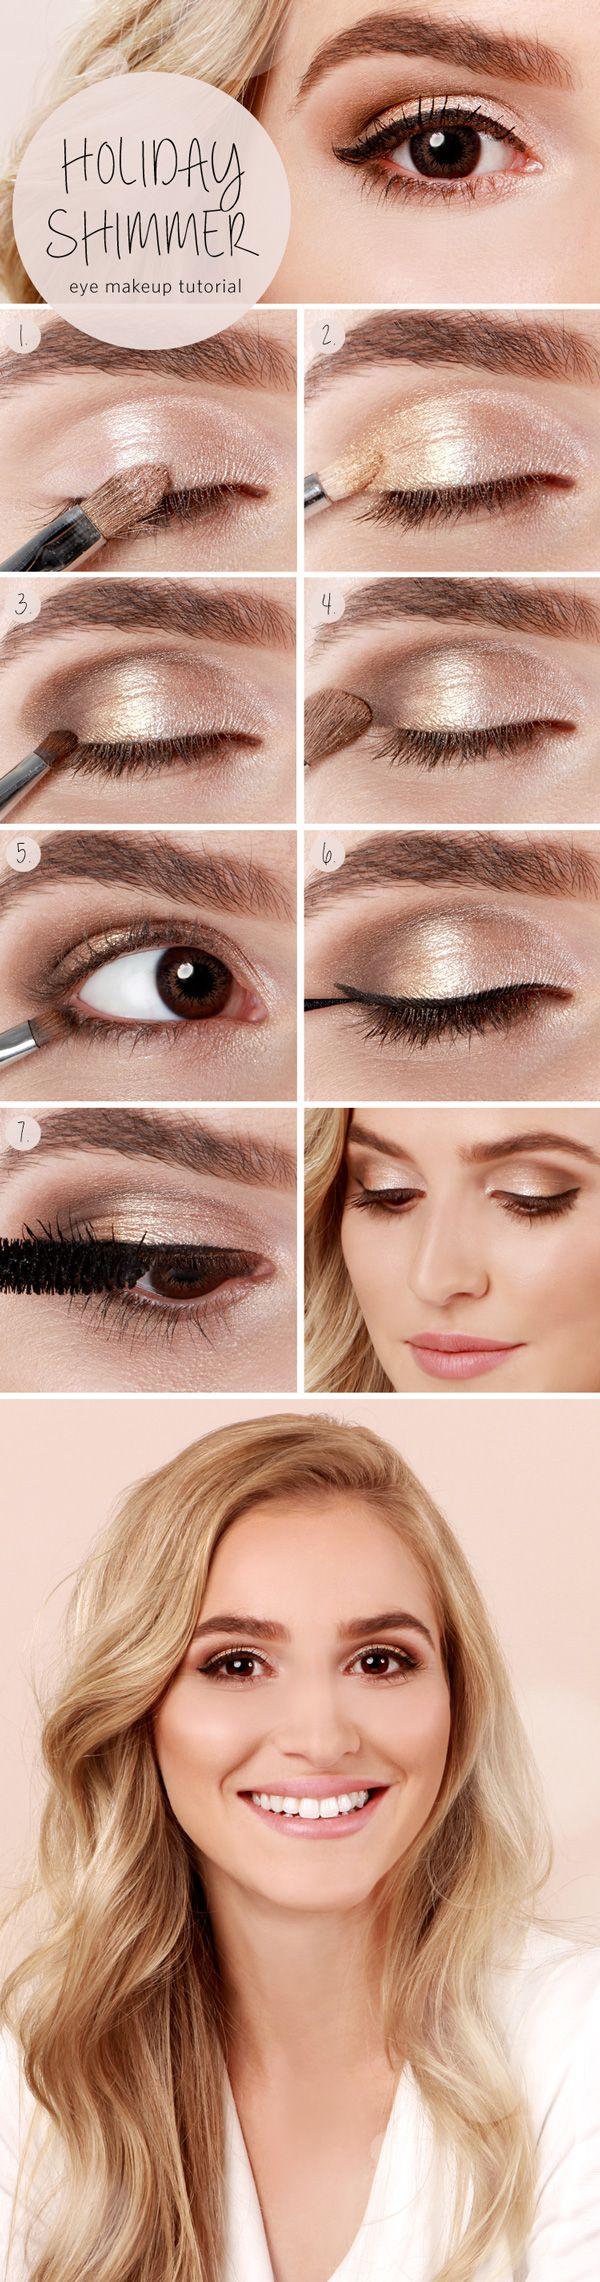 Los mejores tutoriales de maquillaje de ojos en Pinterest: ¡paso a paso! – heypretty.ch